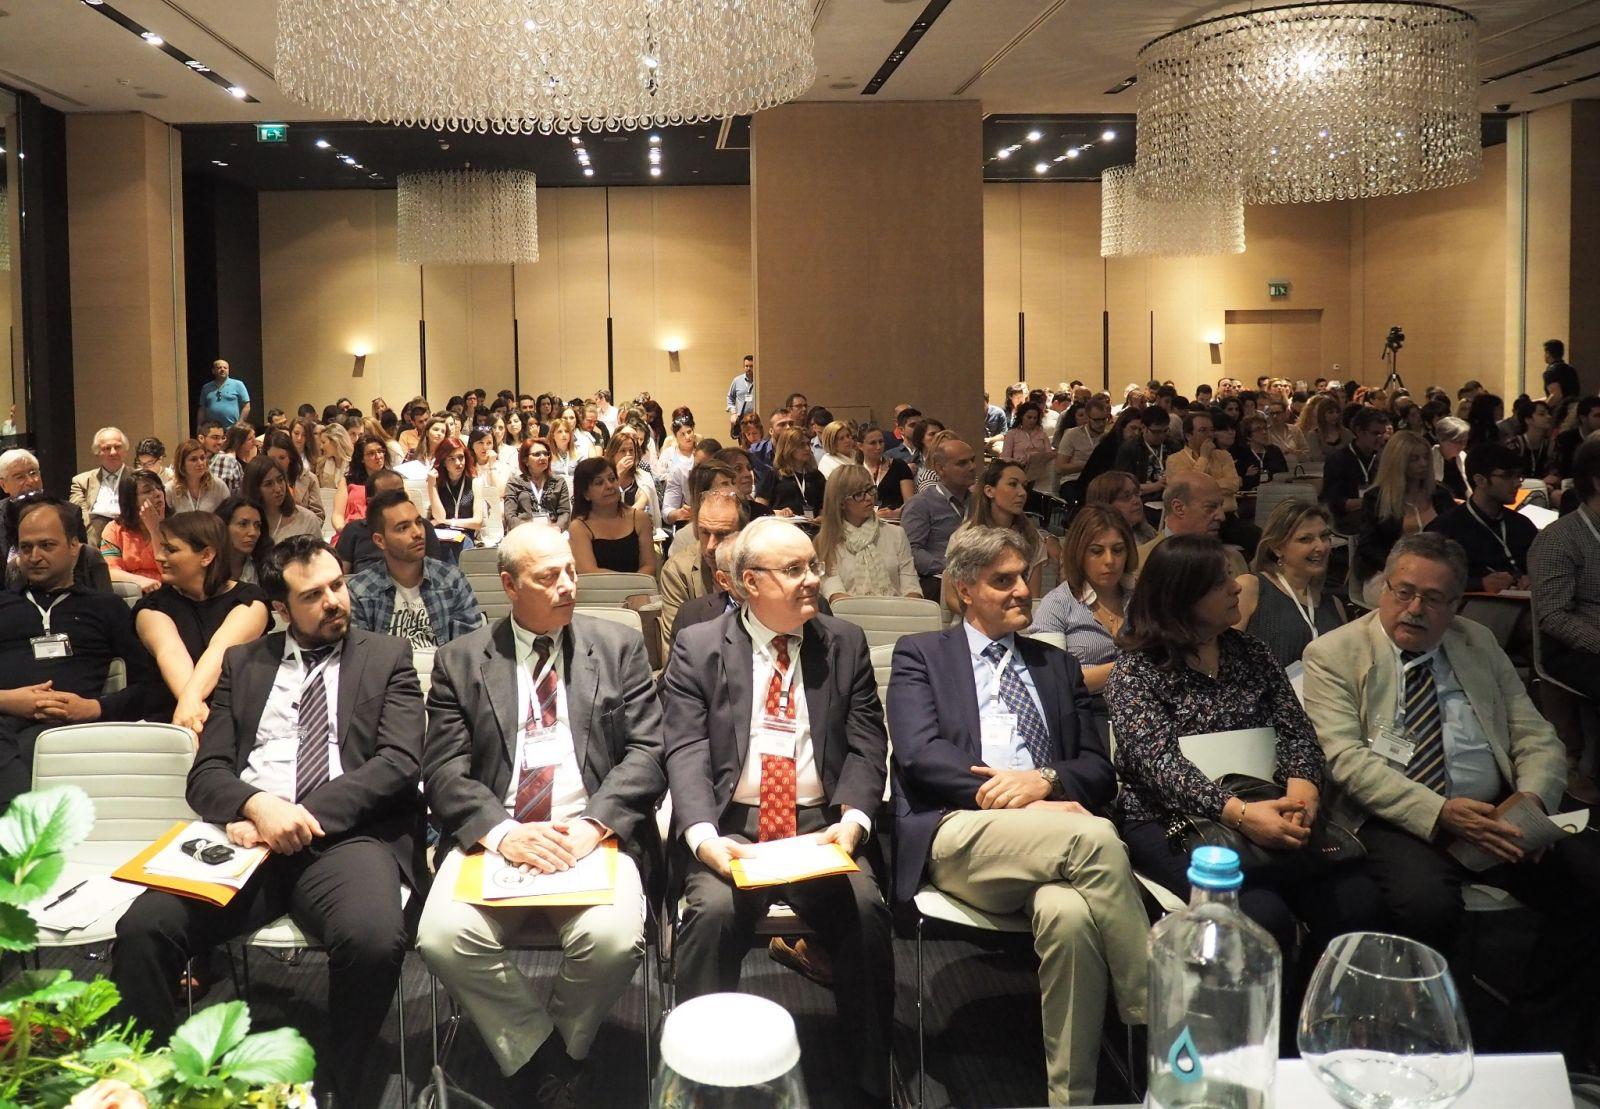 Ολοκληρώθηκε το 2ο Πανελλήνιο Συνέδριο Εφαρμοσμένης Φαρμακευτικής